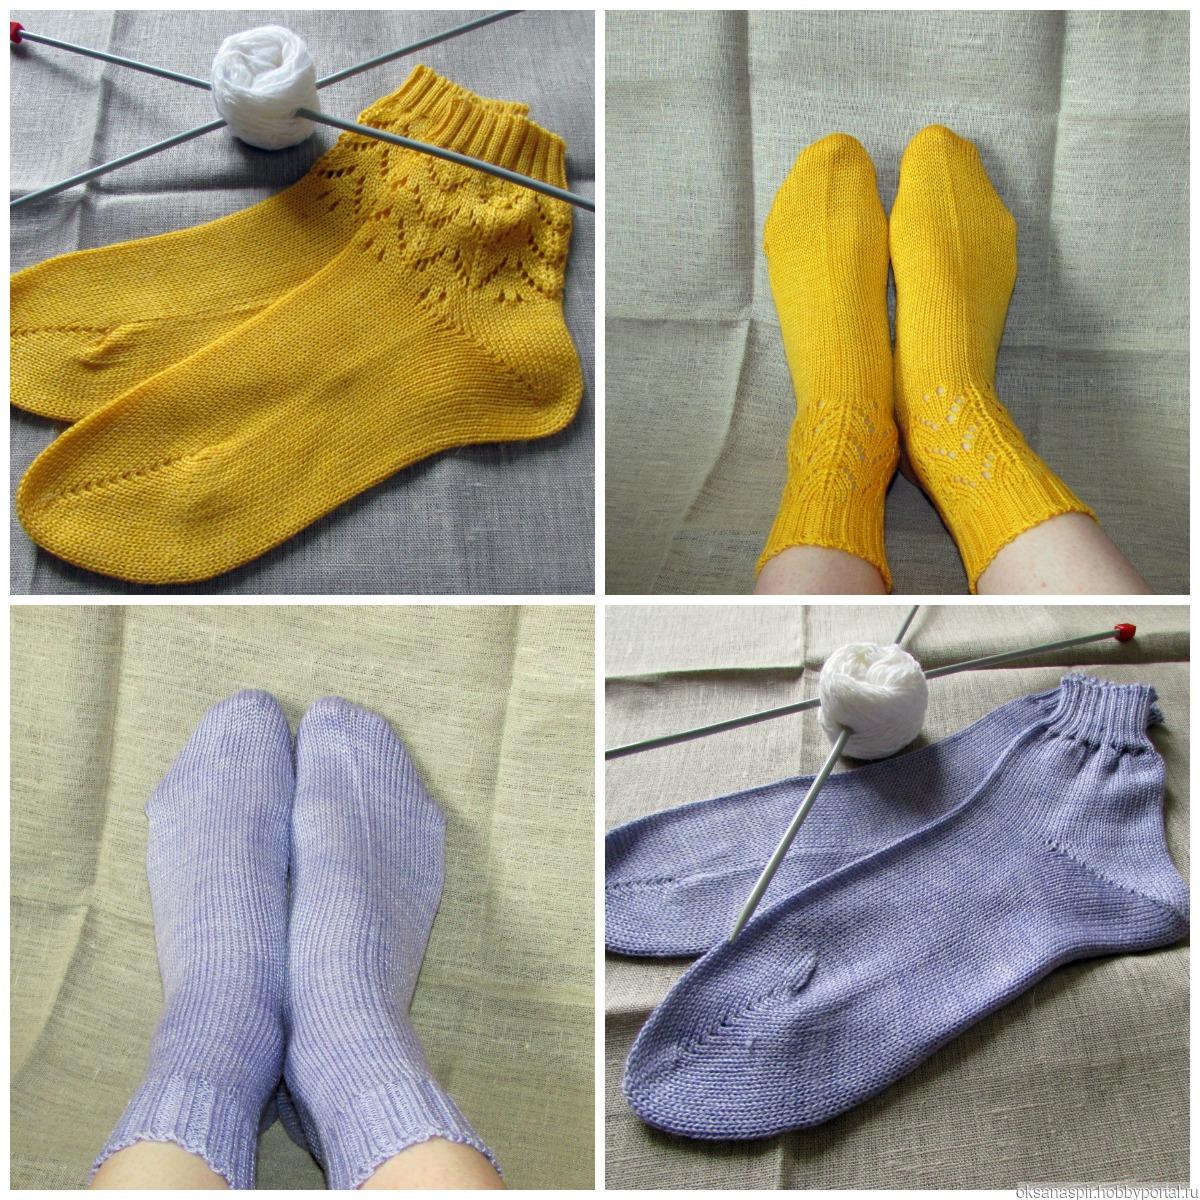 Как сложить носки: 8 методов m 59